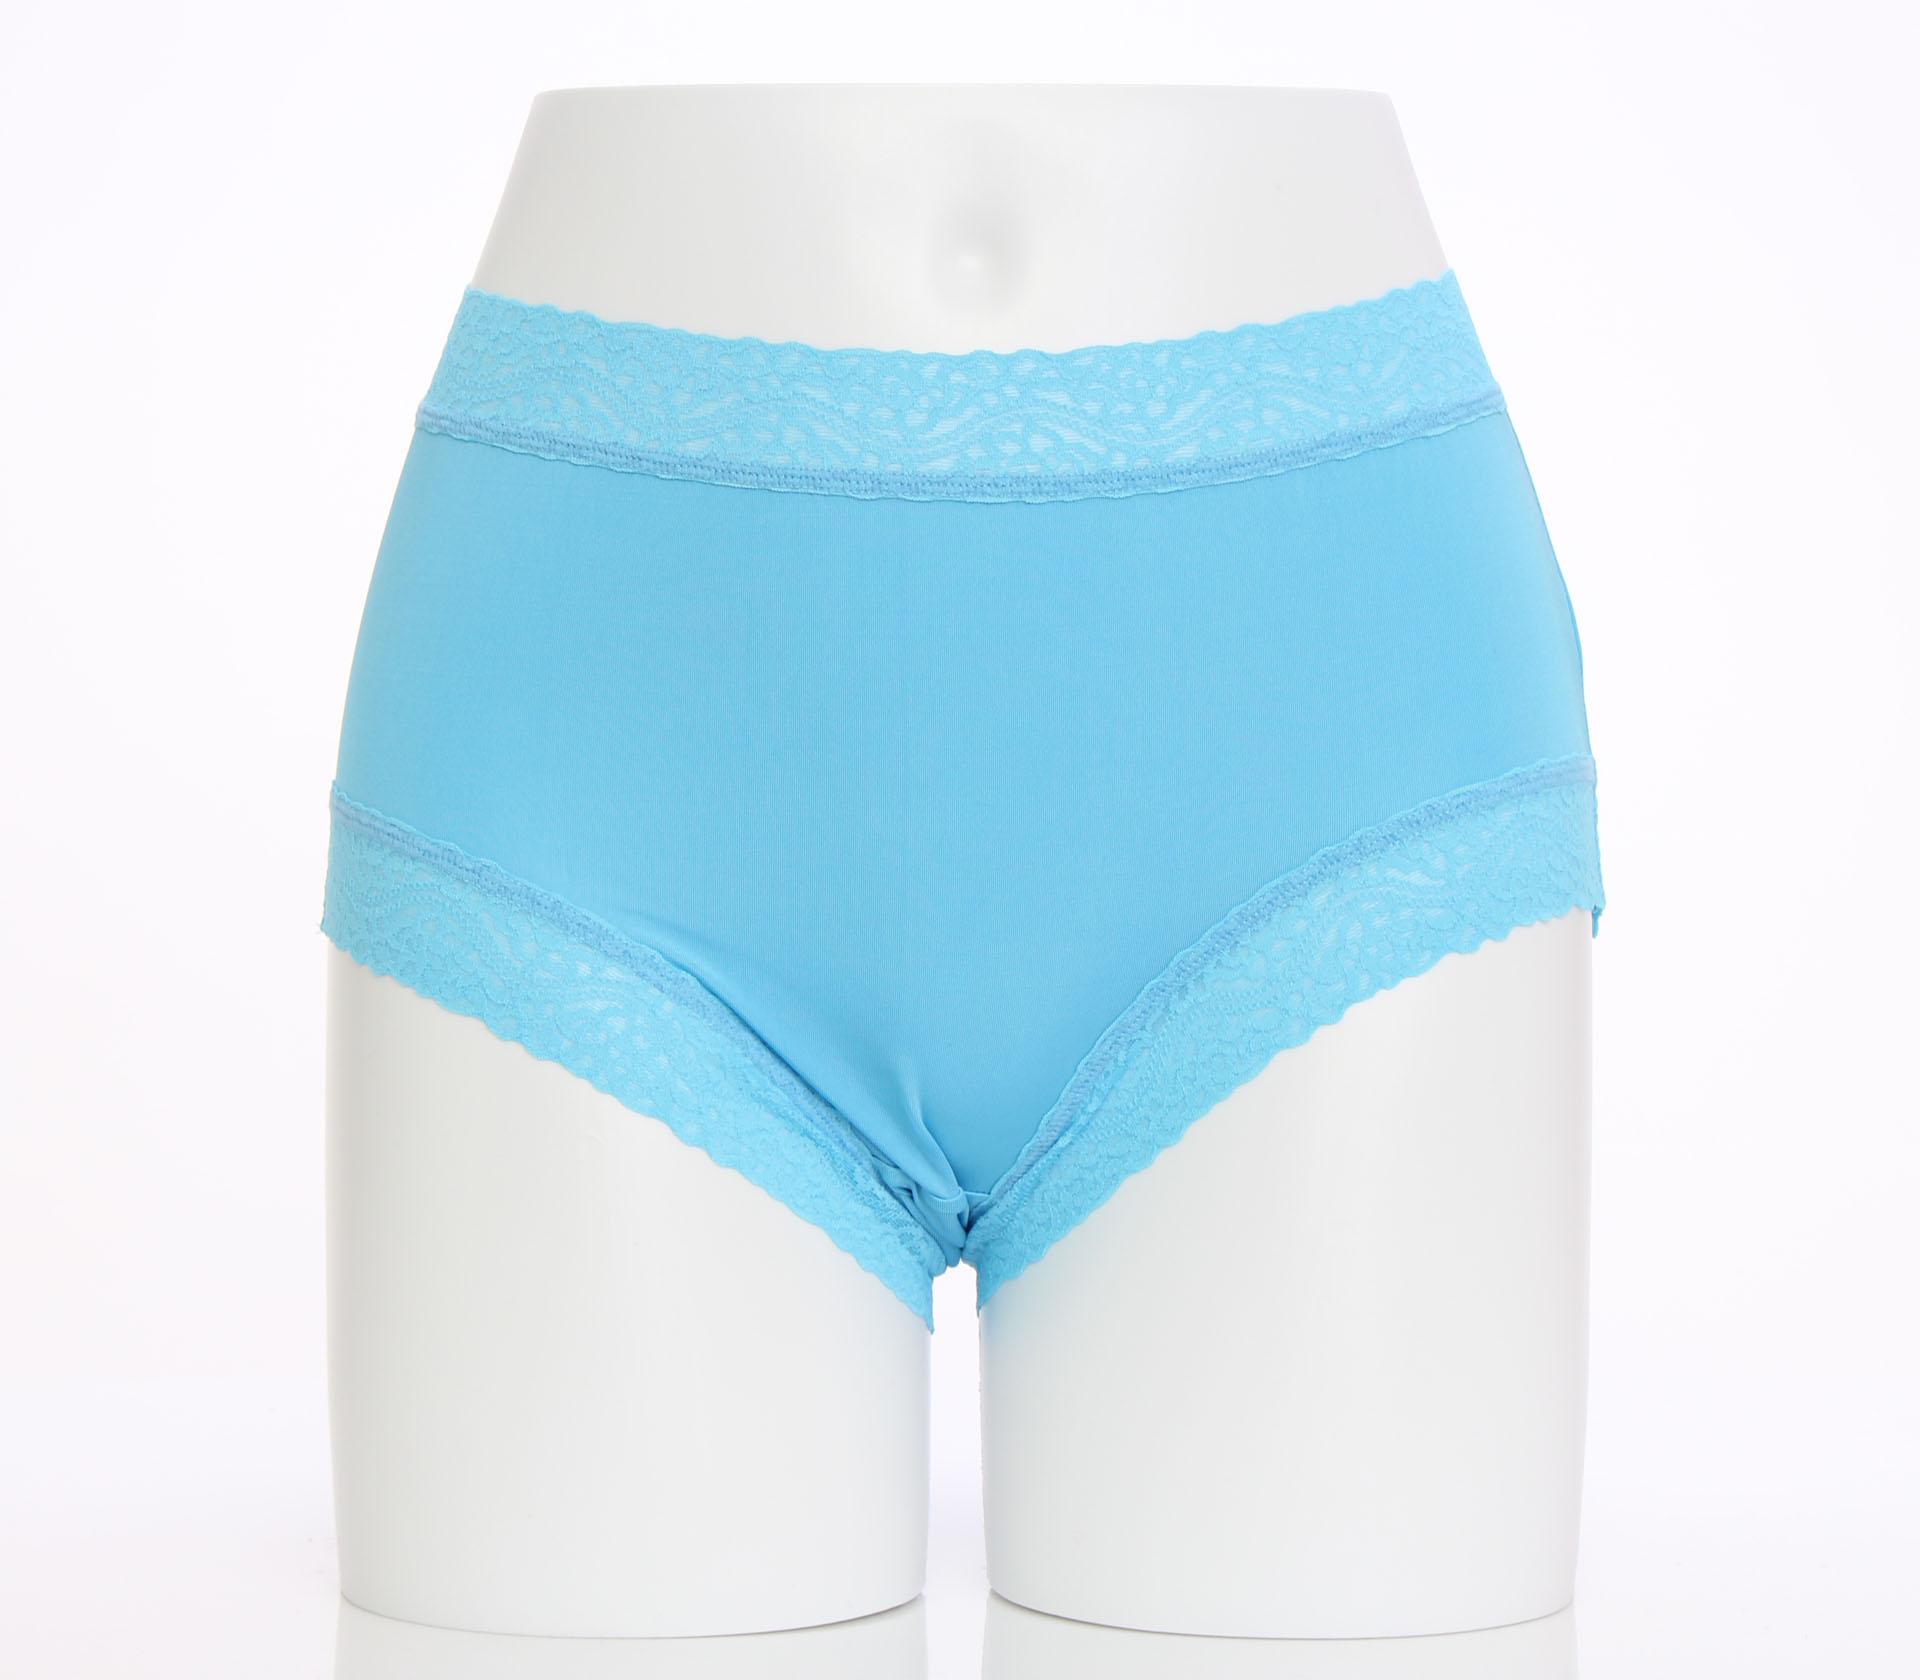 闕蘭絹簡約舒適100%蠶絲內褲-8879(藍)